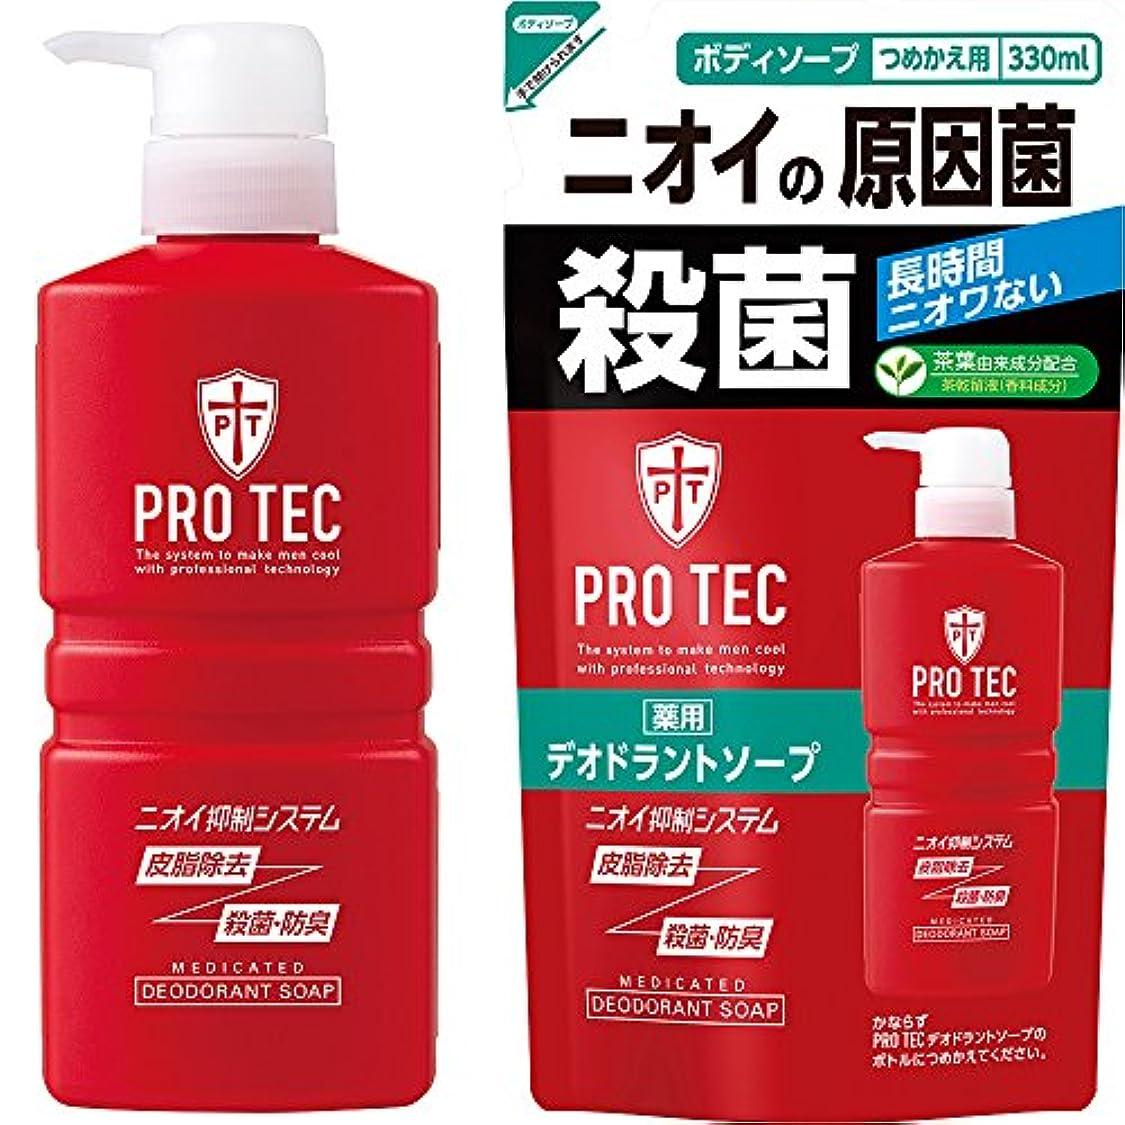 サンダル保証絶妙PRO TEC(プロテク) デオドラントソープ ポンプ420ml+詰め替え330ml セット(医薬部外品)